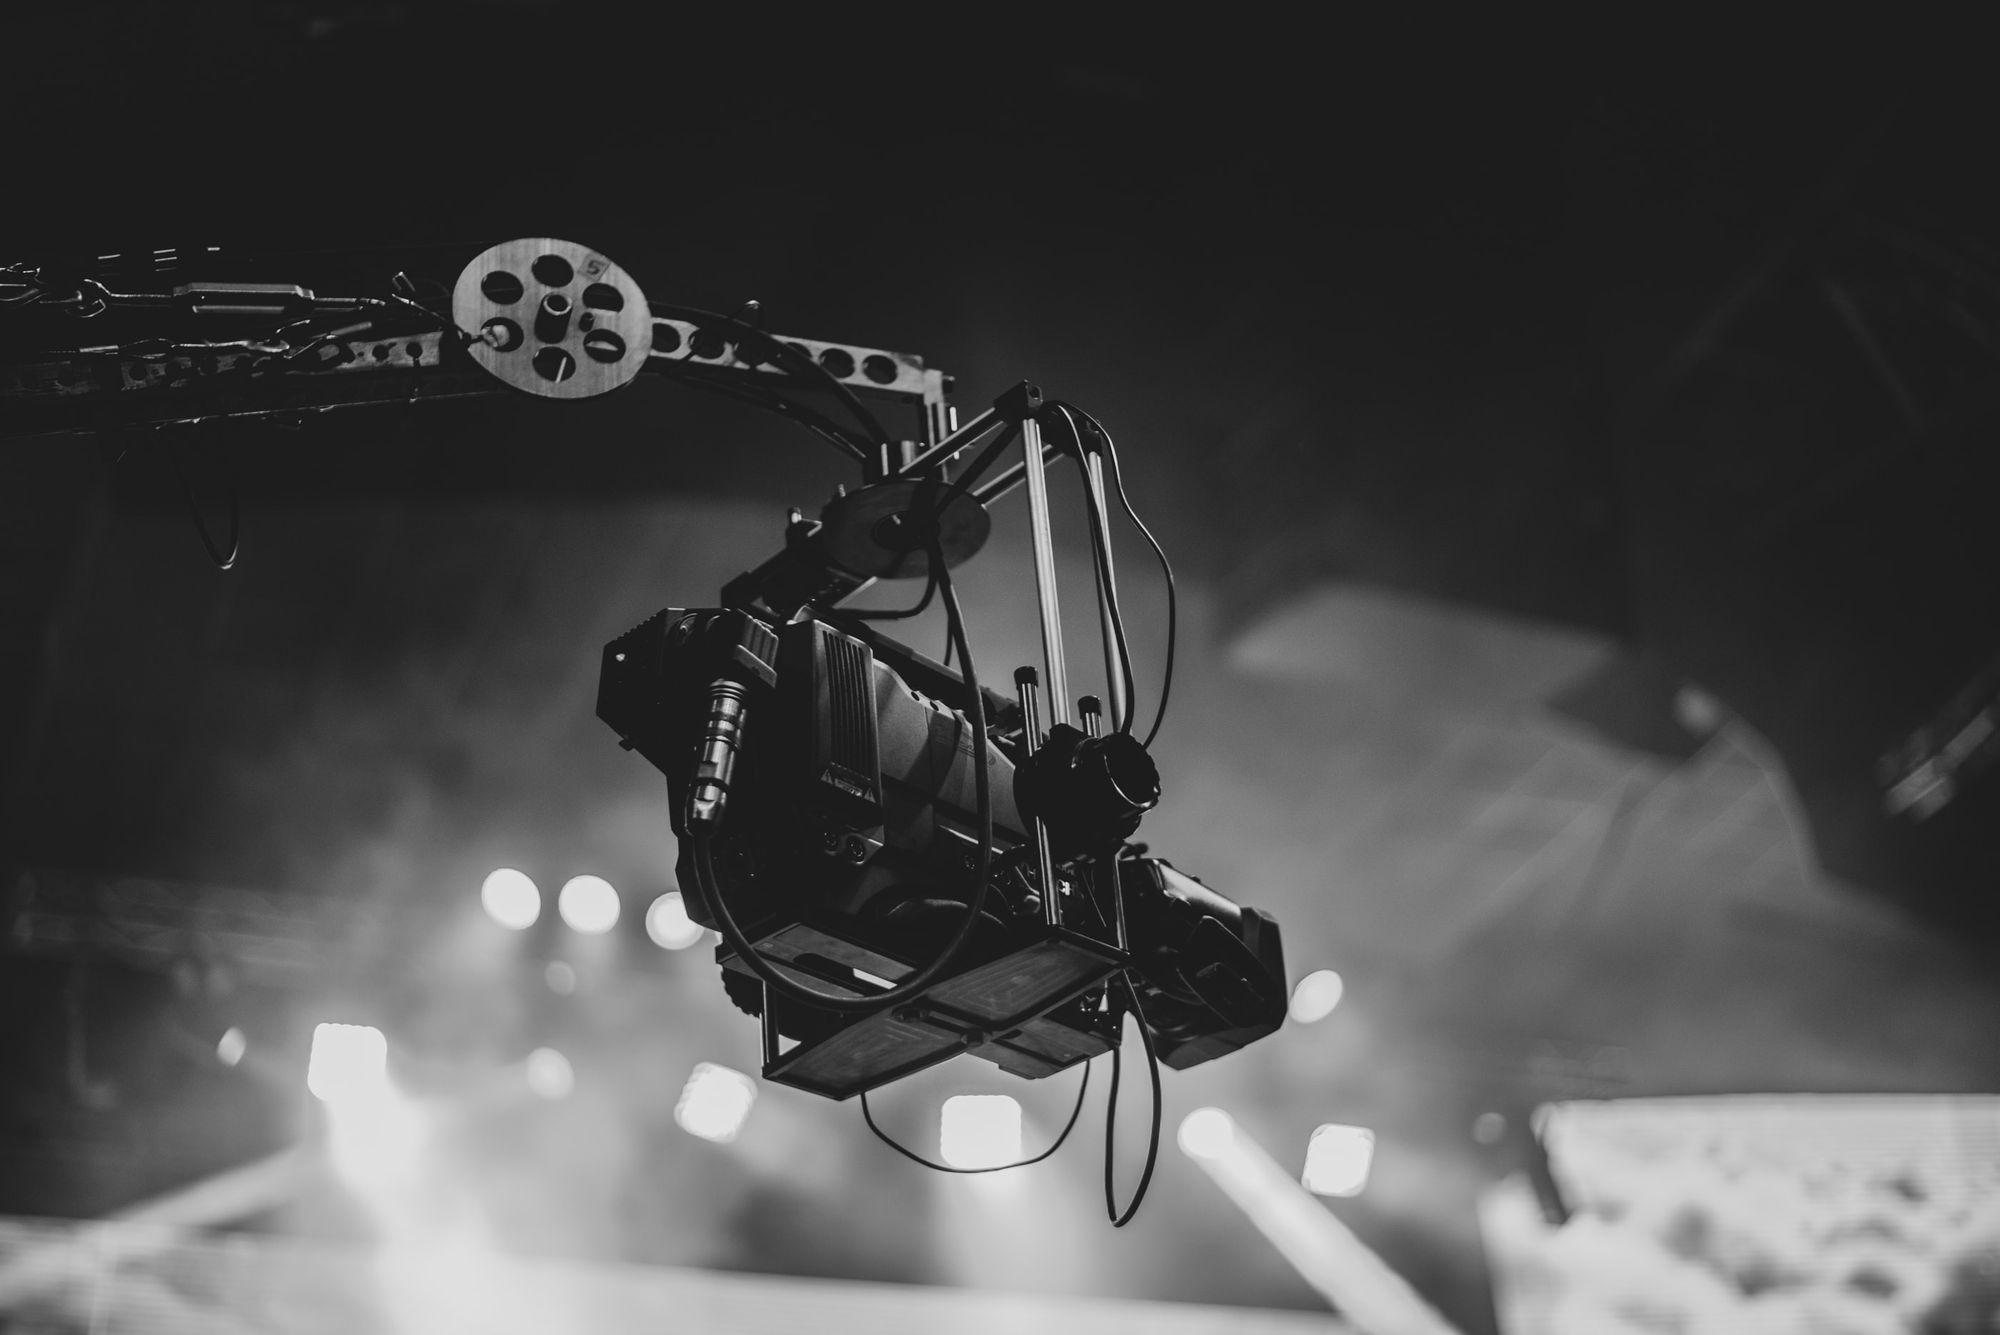 camera-filming-scene-in-studio